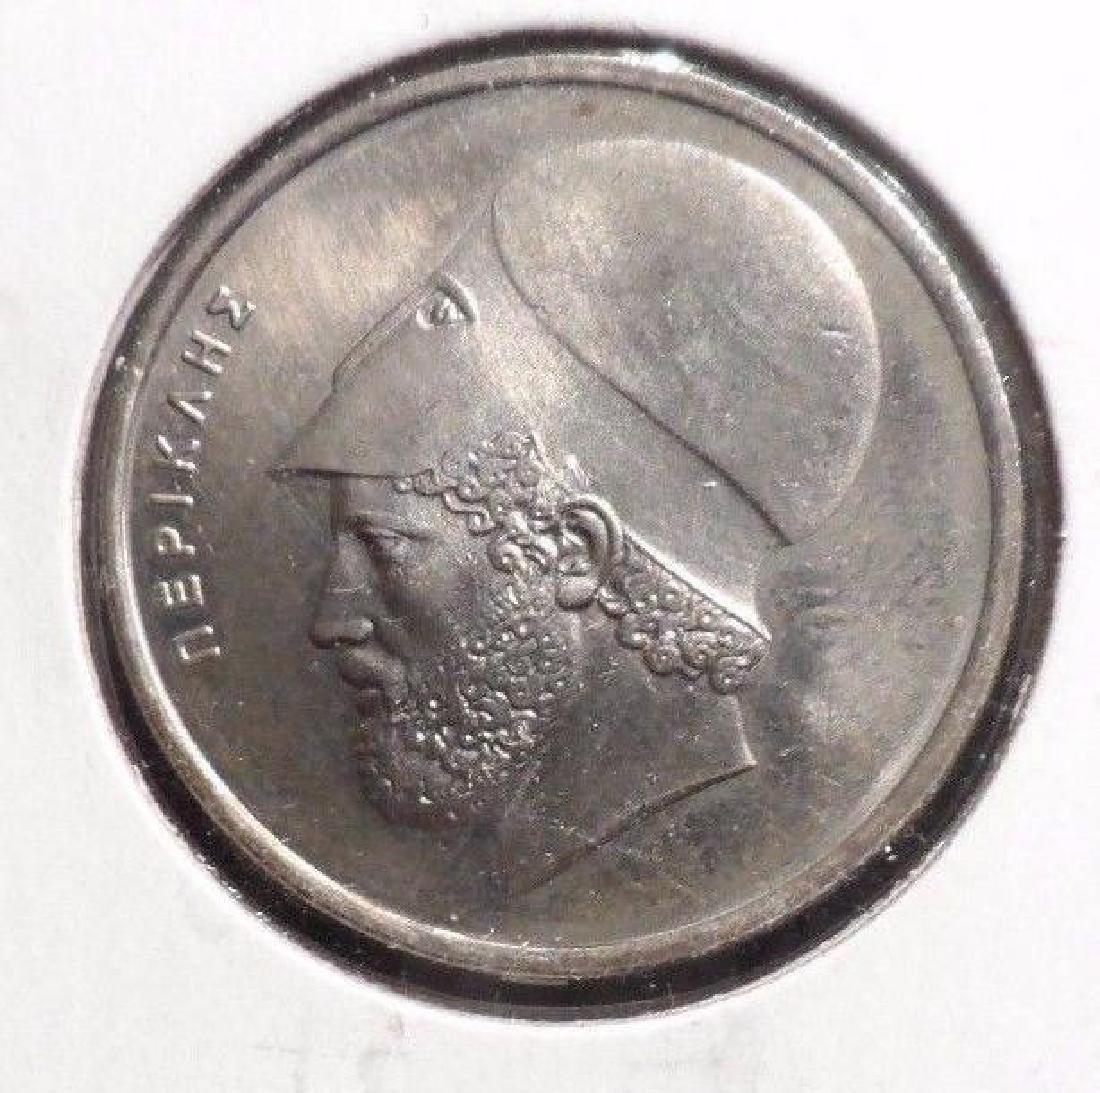 Circulated 1976 20 Drachmai Greek Coin - 3